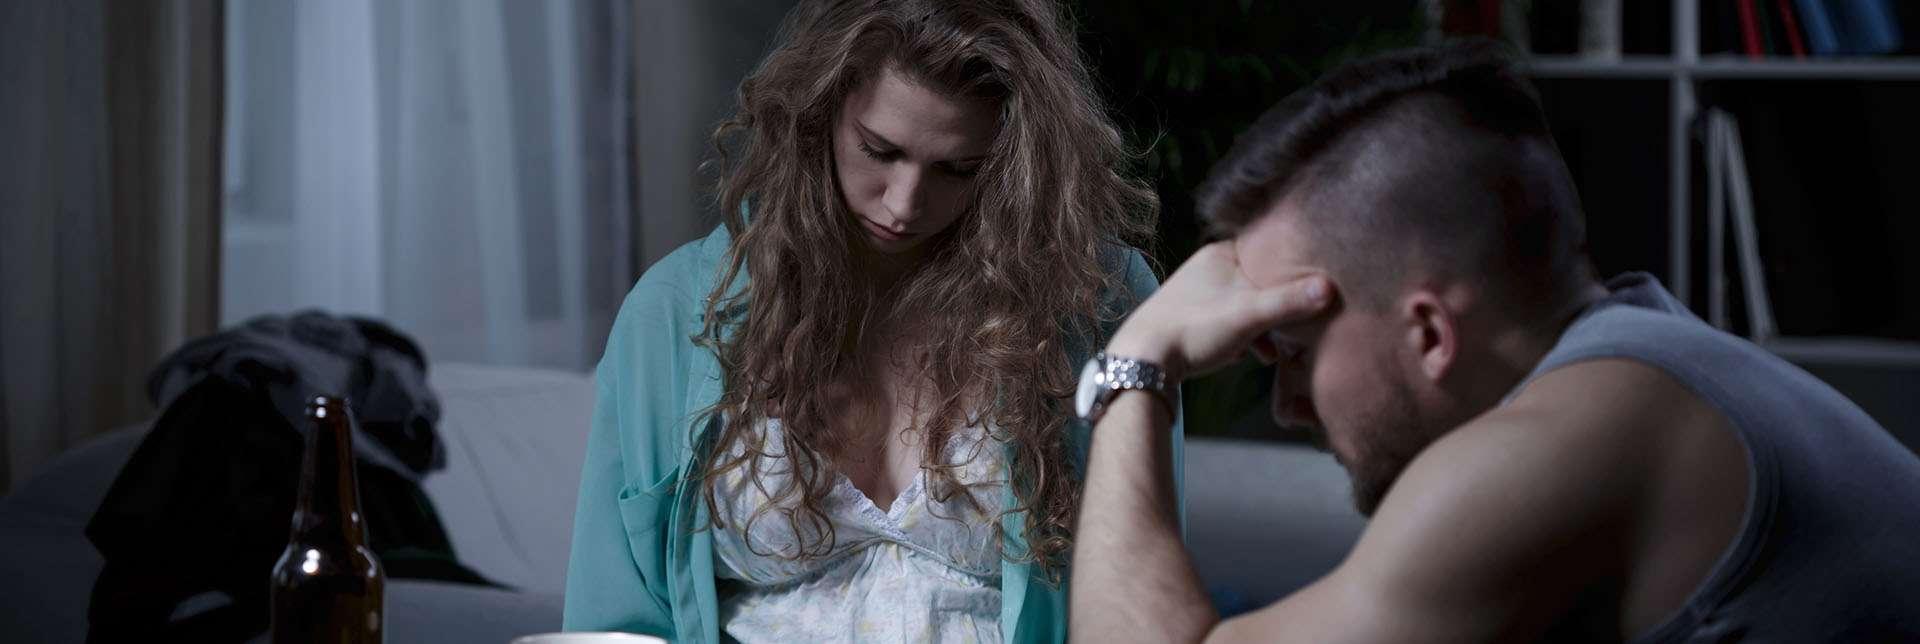 Mann og kvinne sitter i sofa med bøyde hoder og trist blikk. Temabilde: vold i nære relasjoner